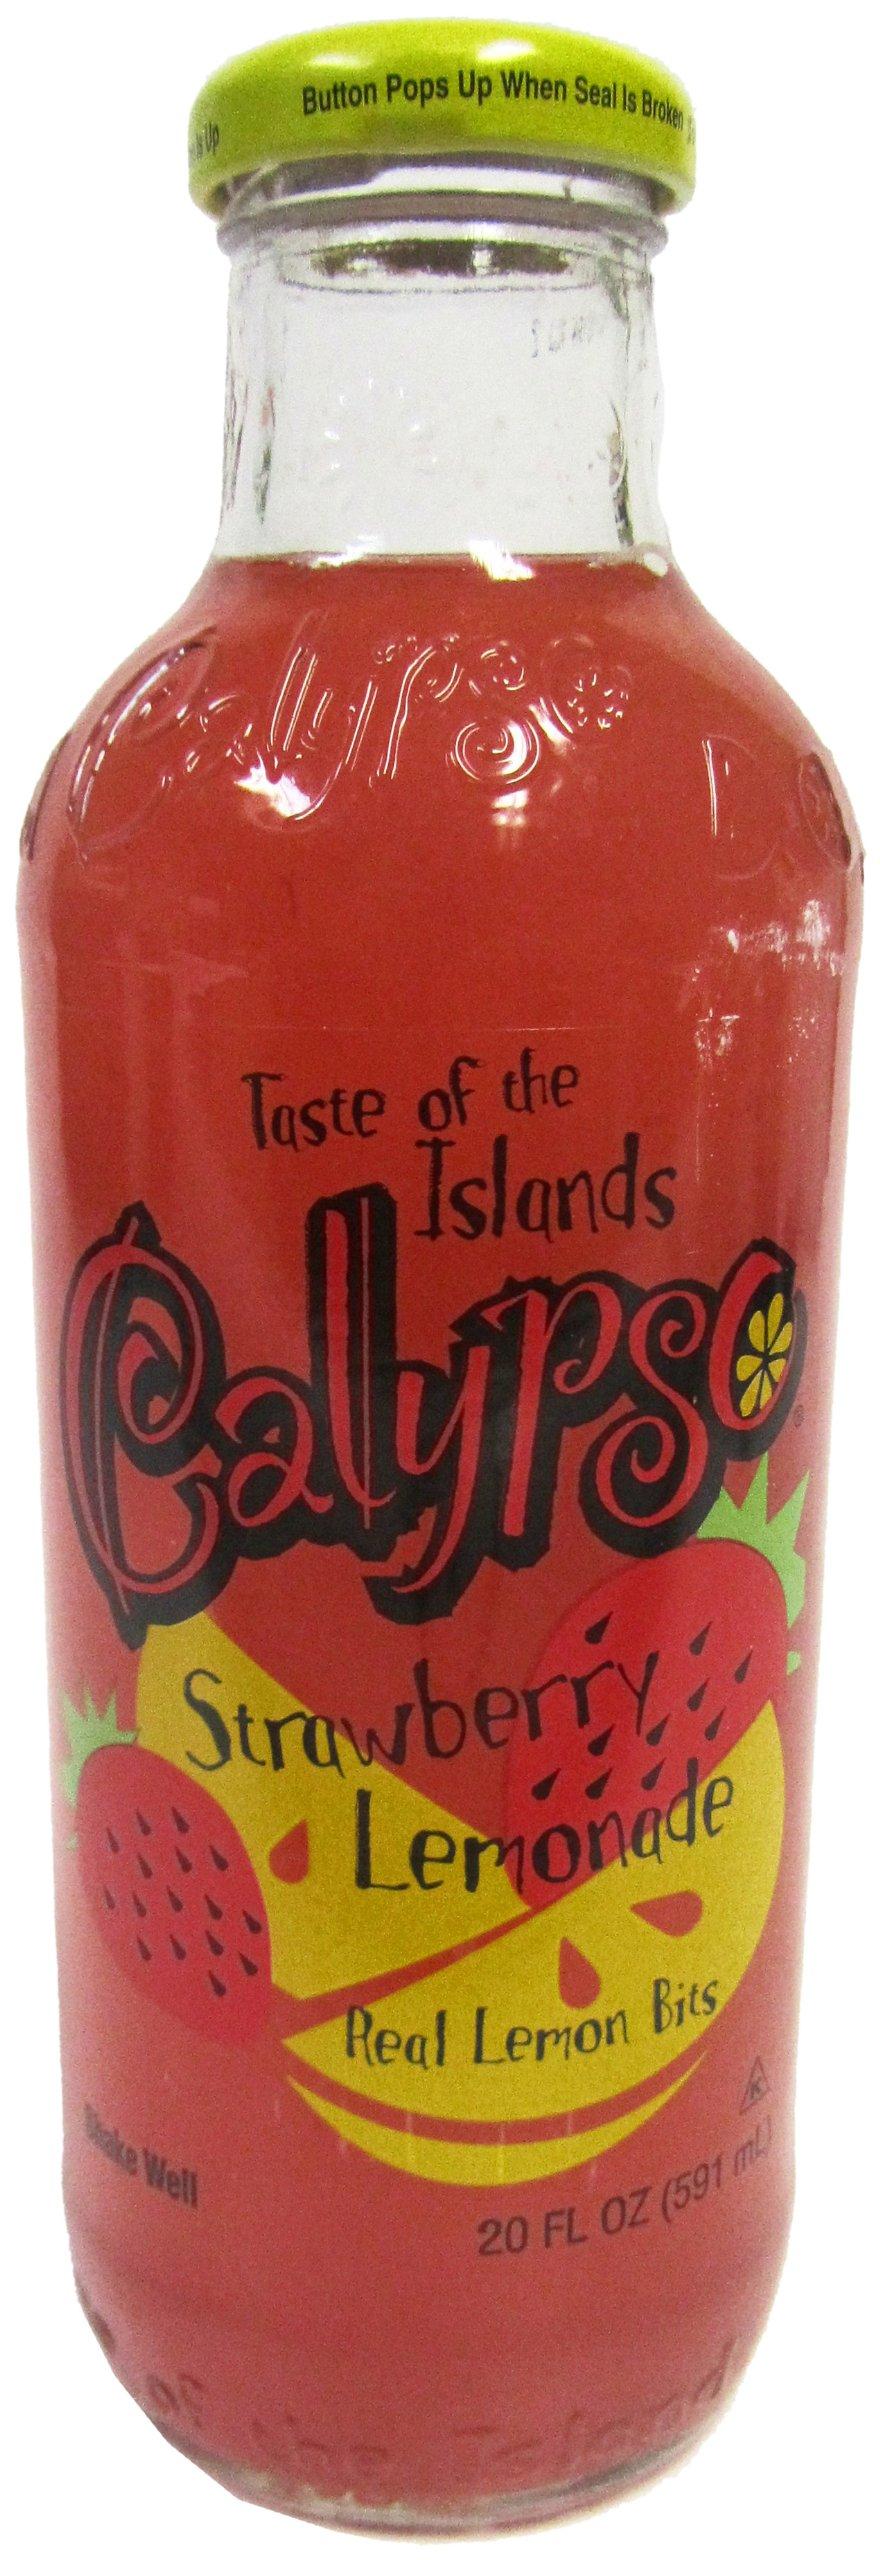 Calypso STRAWBERRY LEMONADE ''Strawberry Fields & Lemon Groves Forever!'', 20-Ounce Glass Bottle (Pack of 12)